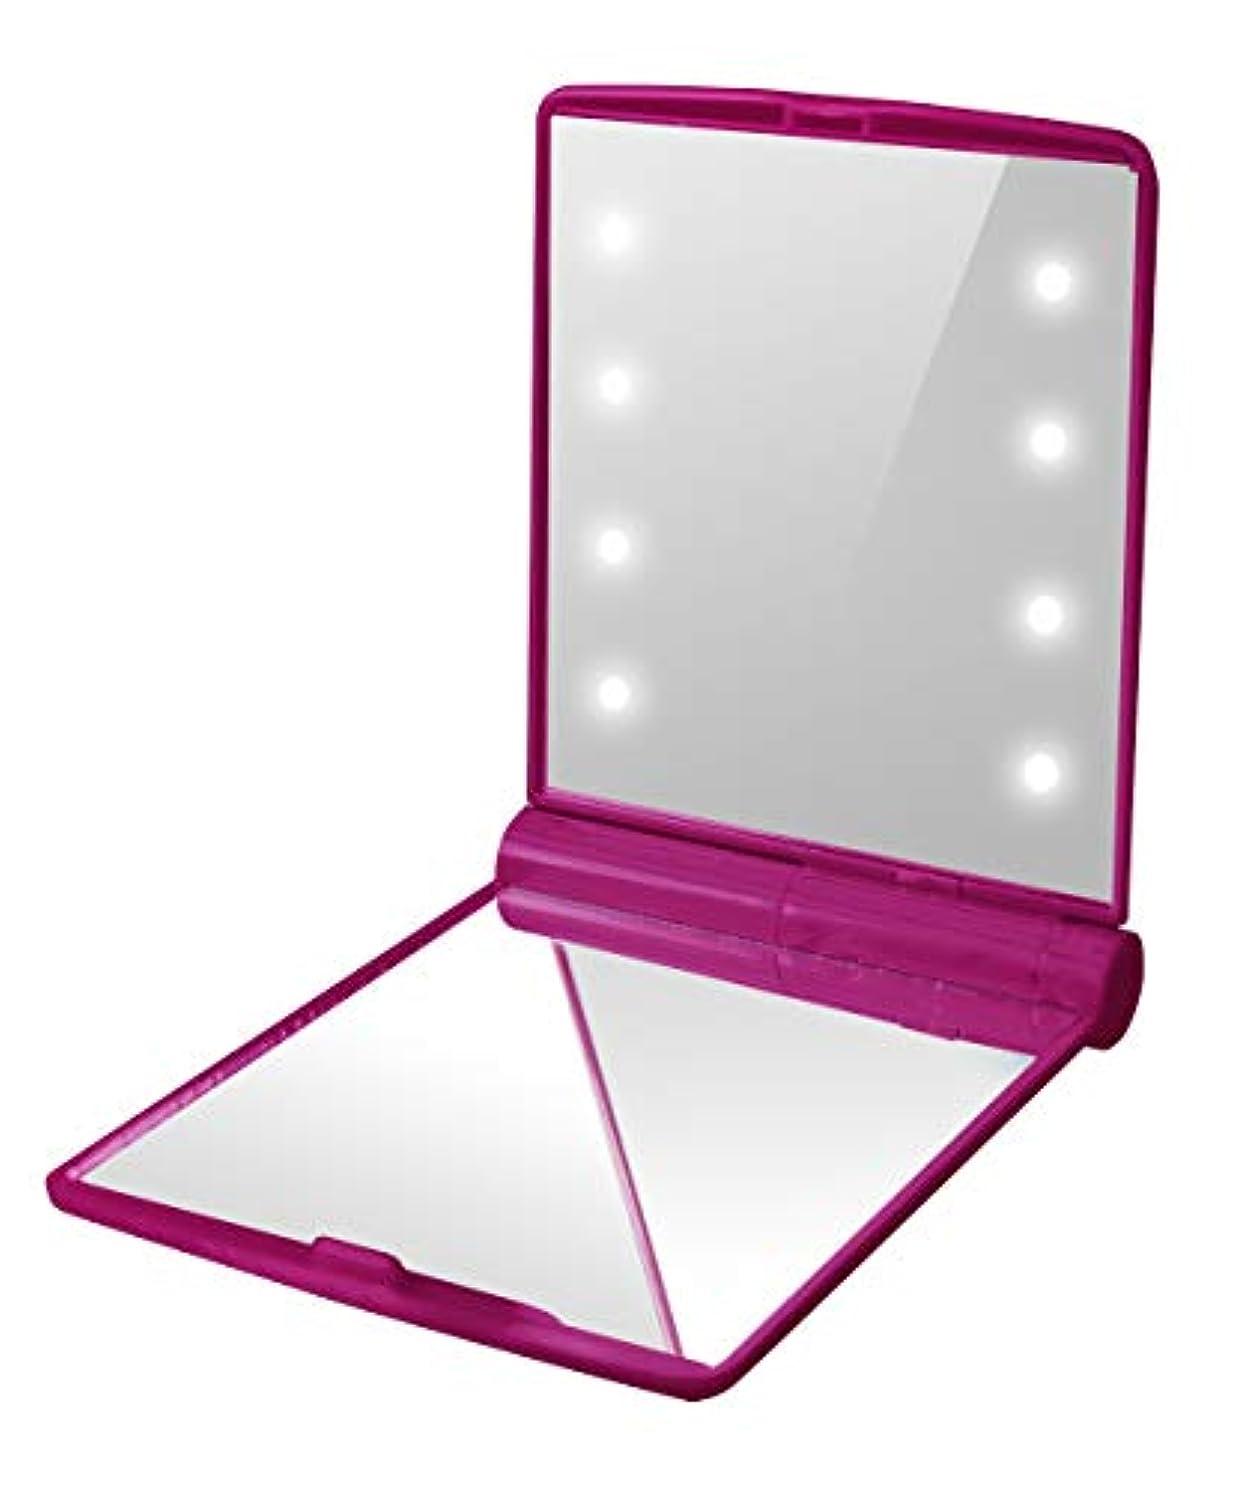 軽食剃る否認する化粧鏡 LED コンパクトミラー 折りたたみ 手鏡 鏡 携帯ミラー (ピンク)